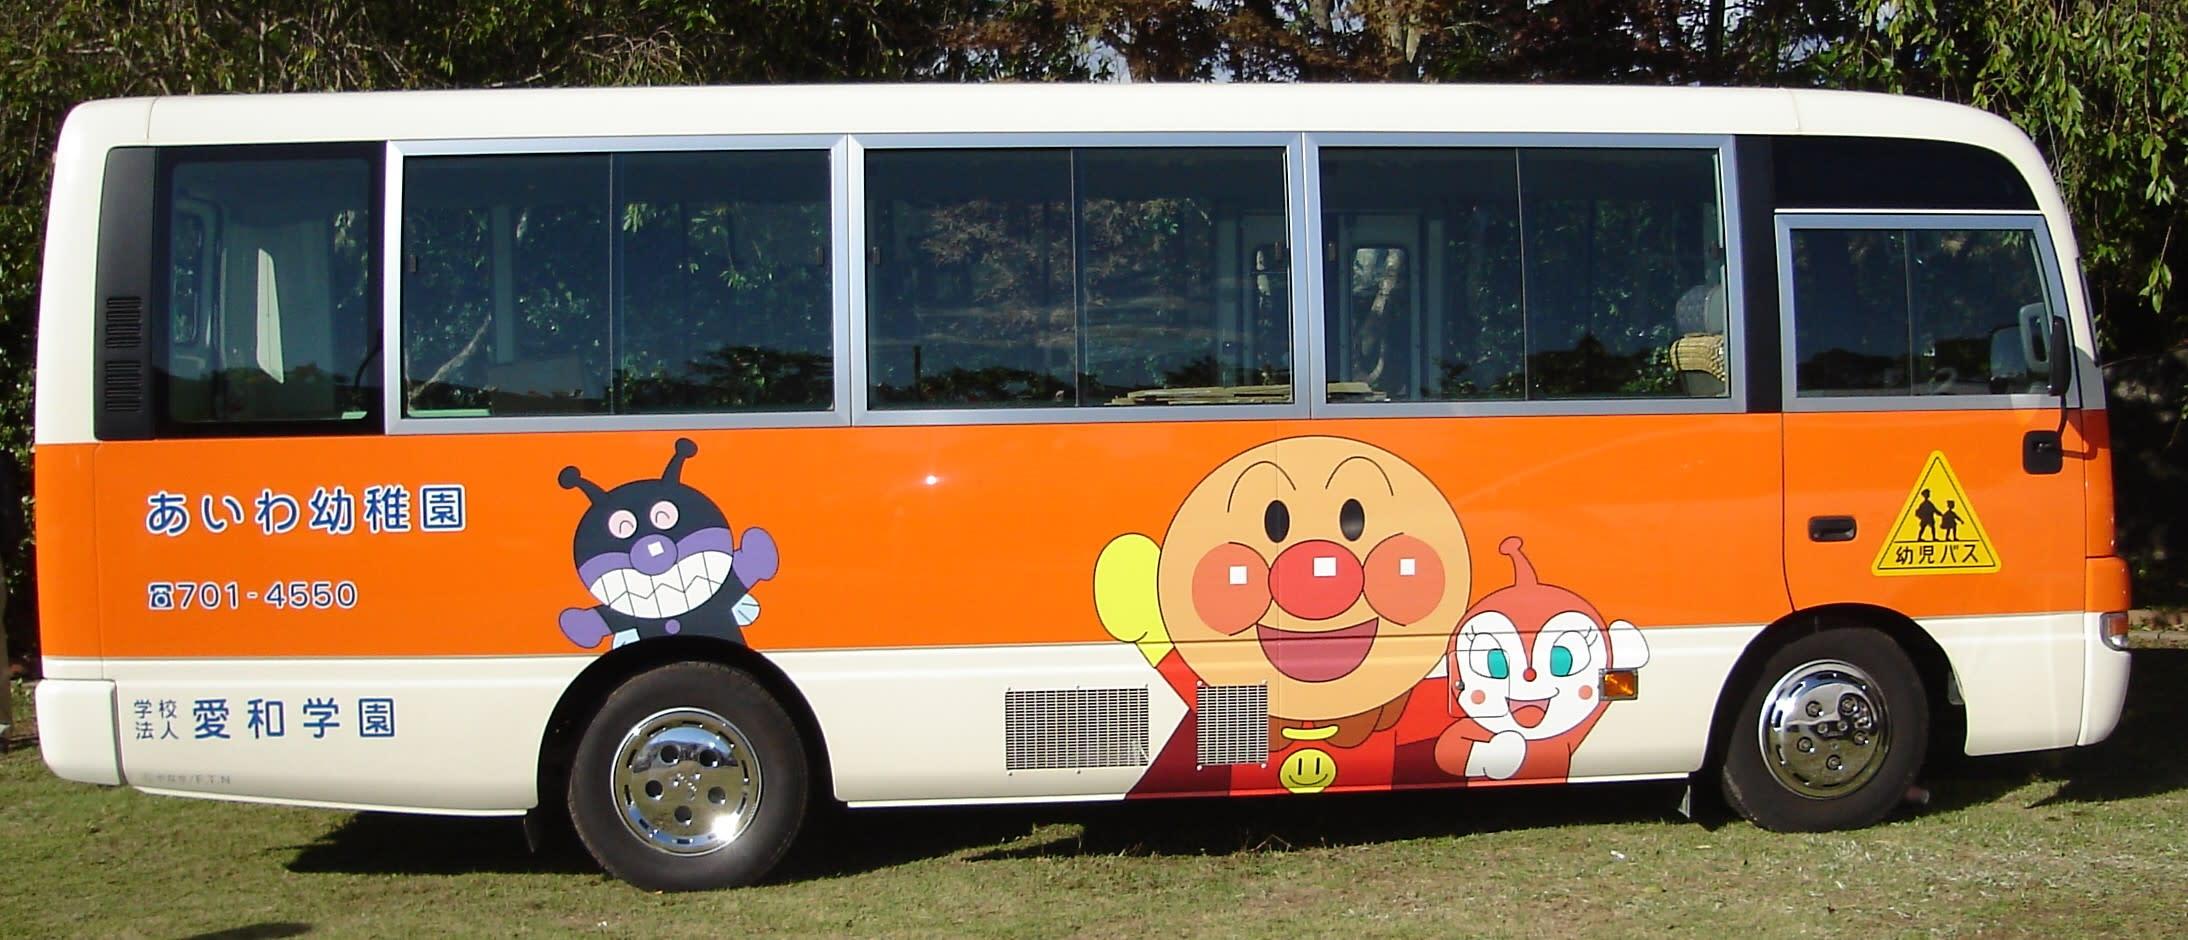 アンパンマンのバス